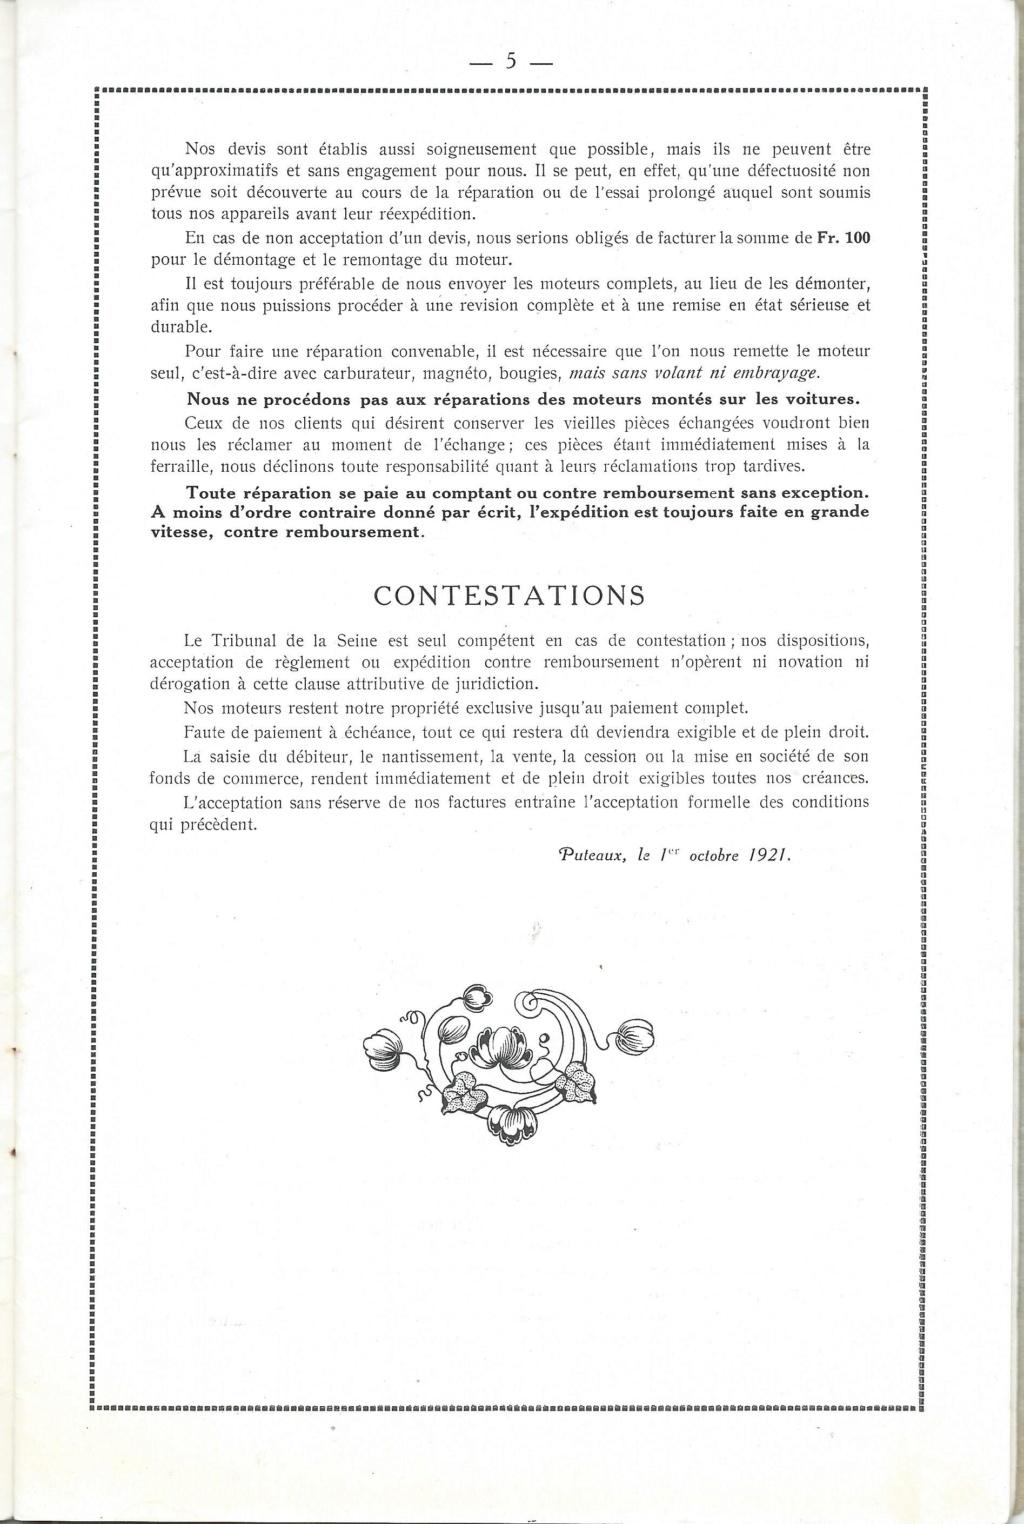 (Recherche) renseignements doc .. sur moteur chapuis dornier Chapui42